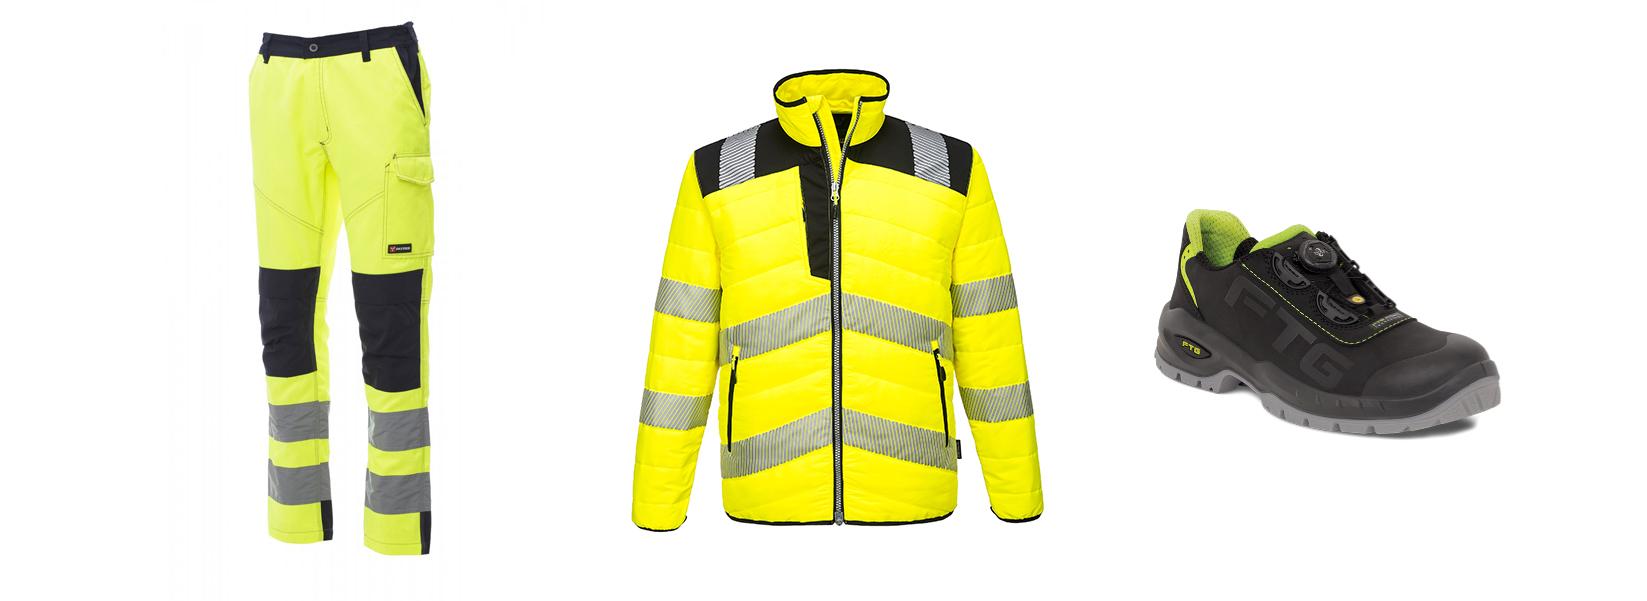 Vendita abbigliamento da lavoro Erre & Bi Distribuzione di Bruno Angela